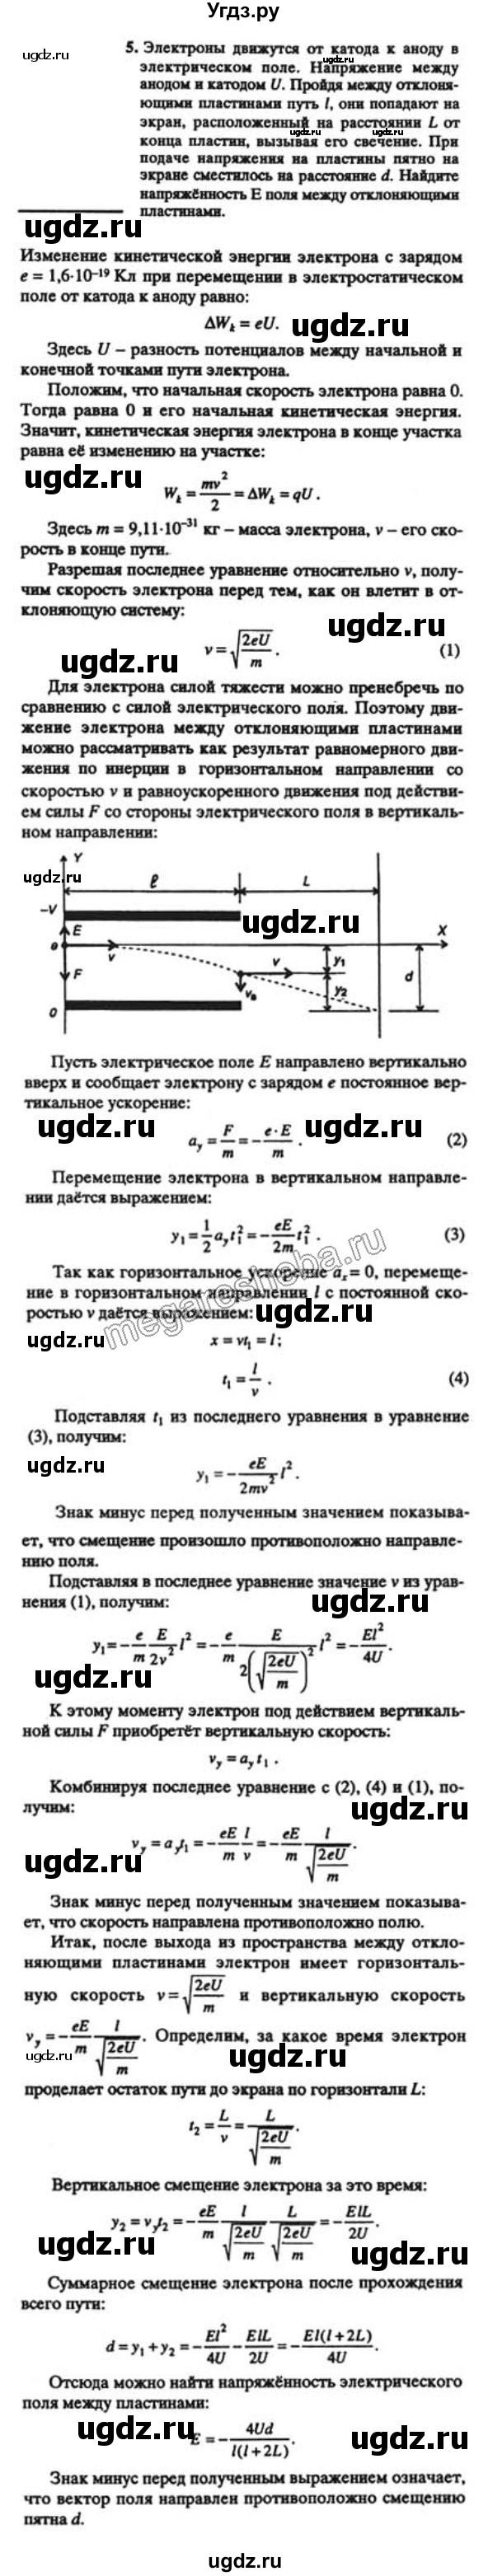 Гдз По Физике 8 Класс Шахмаева